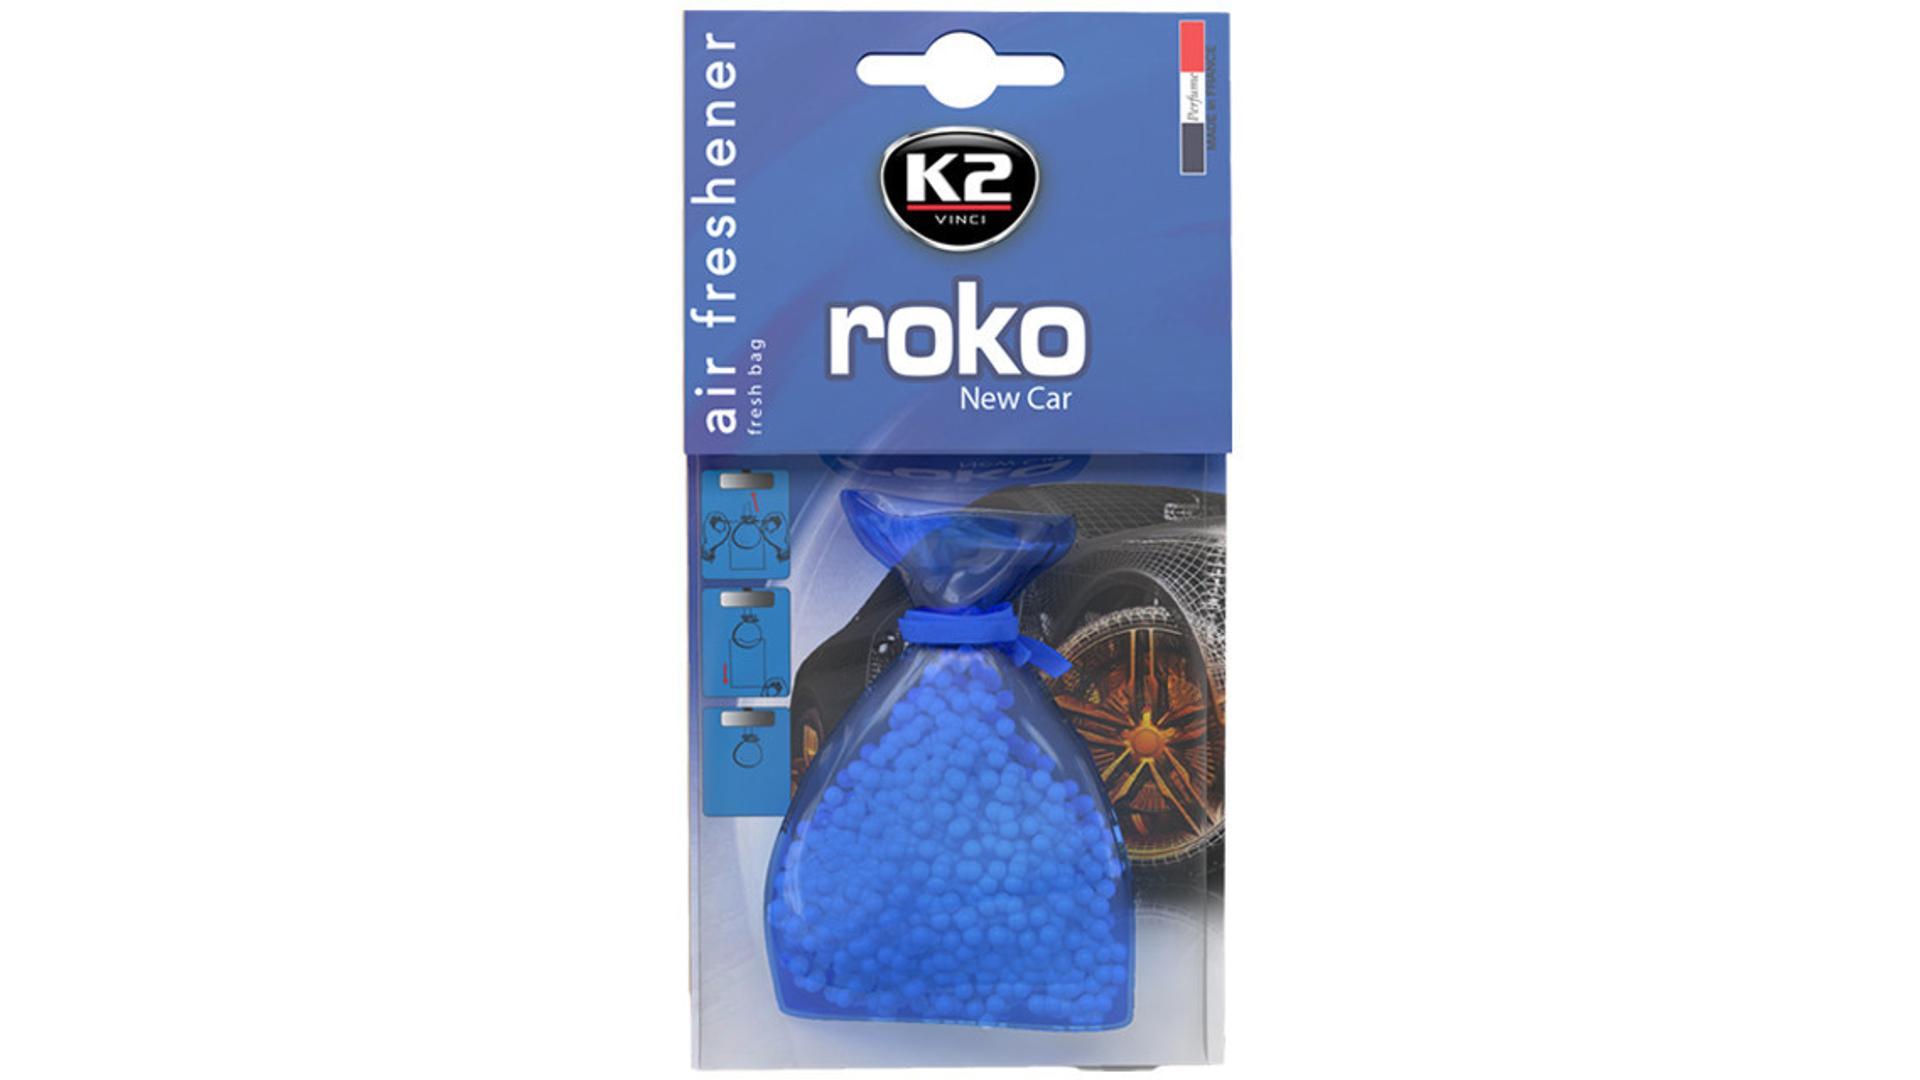 K2 ROKO osvěžovač vzduchu - Nové auto 20g